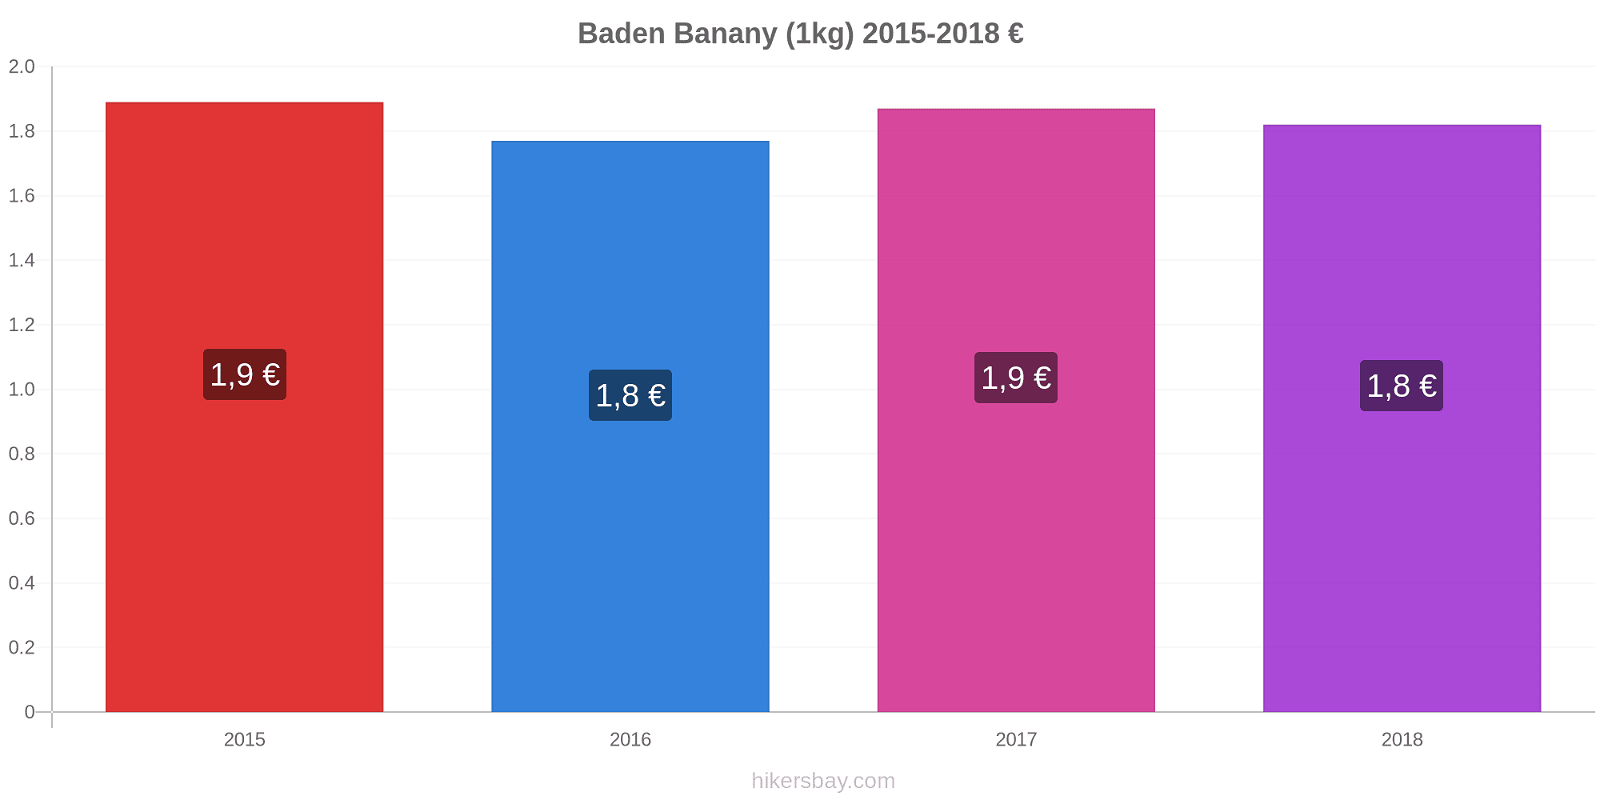 Baden zmiany cen Banany (1kg) hikersbay.com